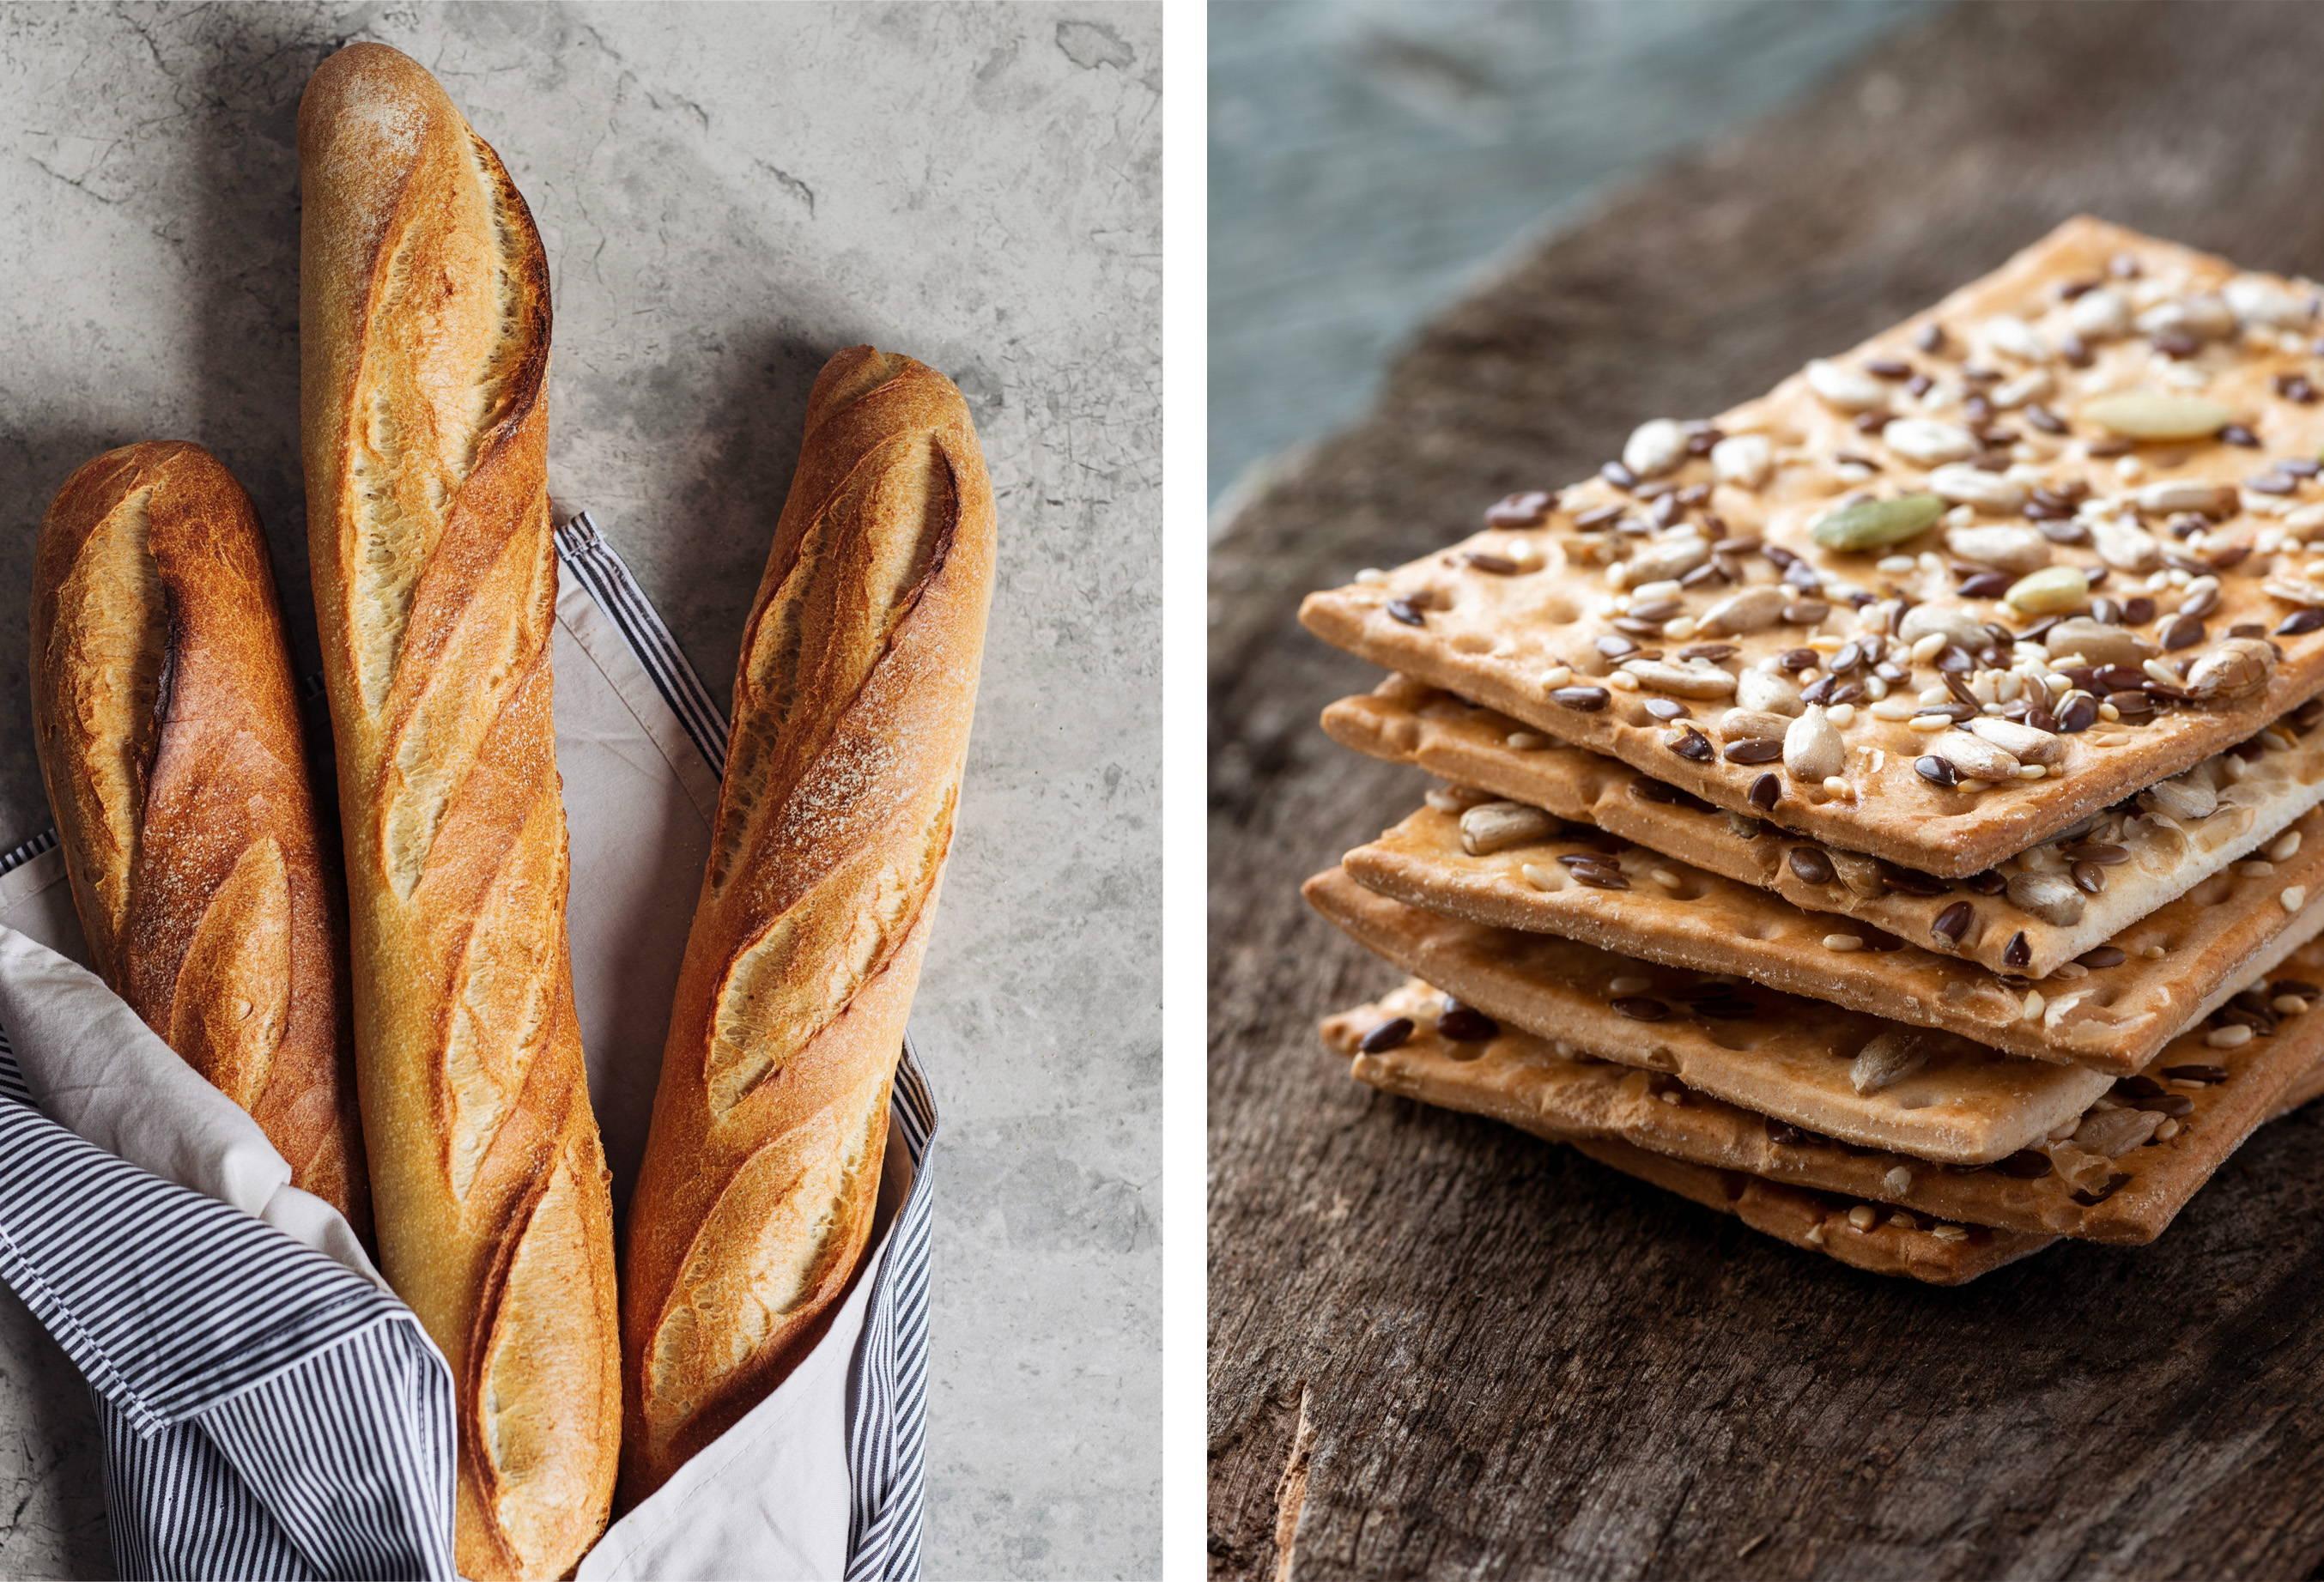 Fresh baked french baguette & artisanal crackers